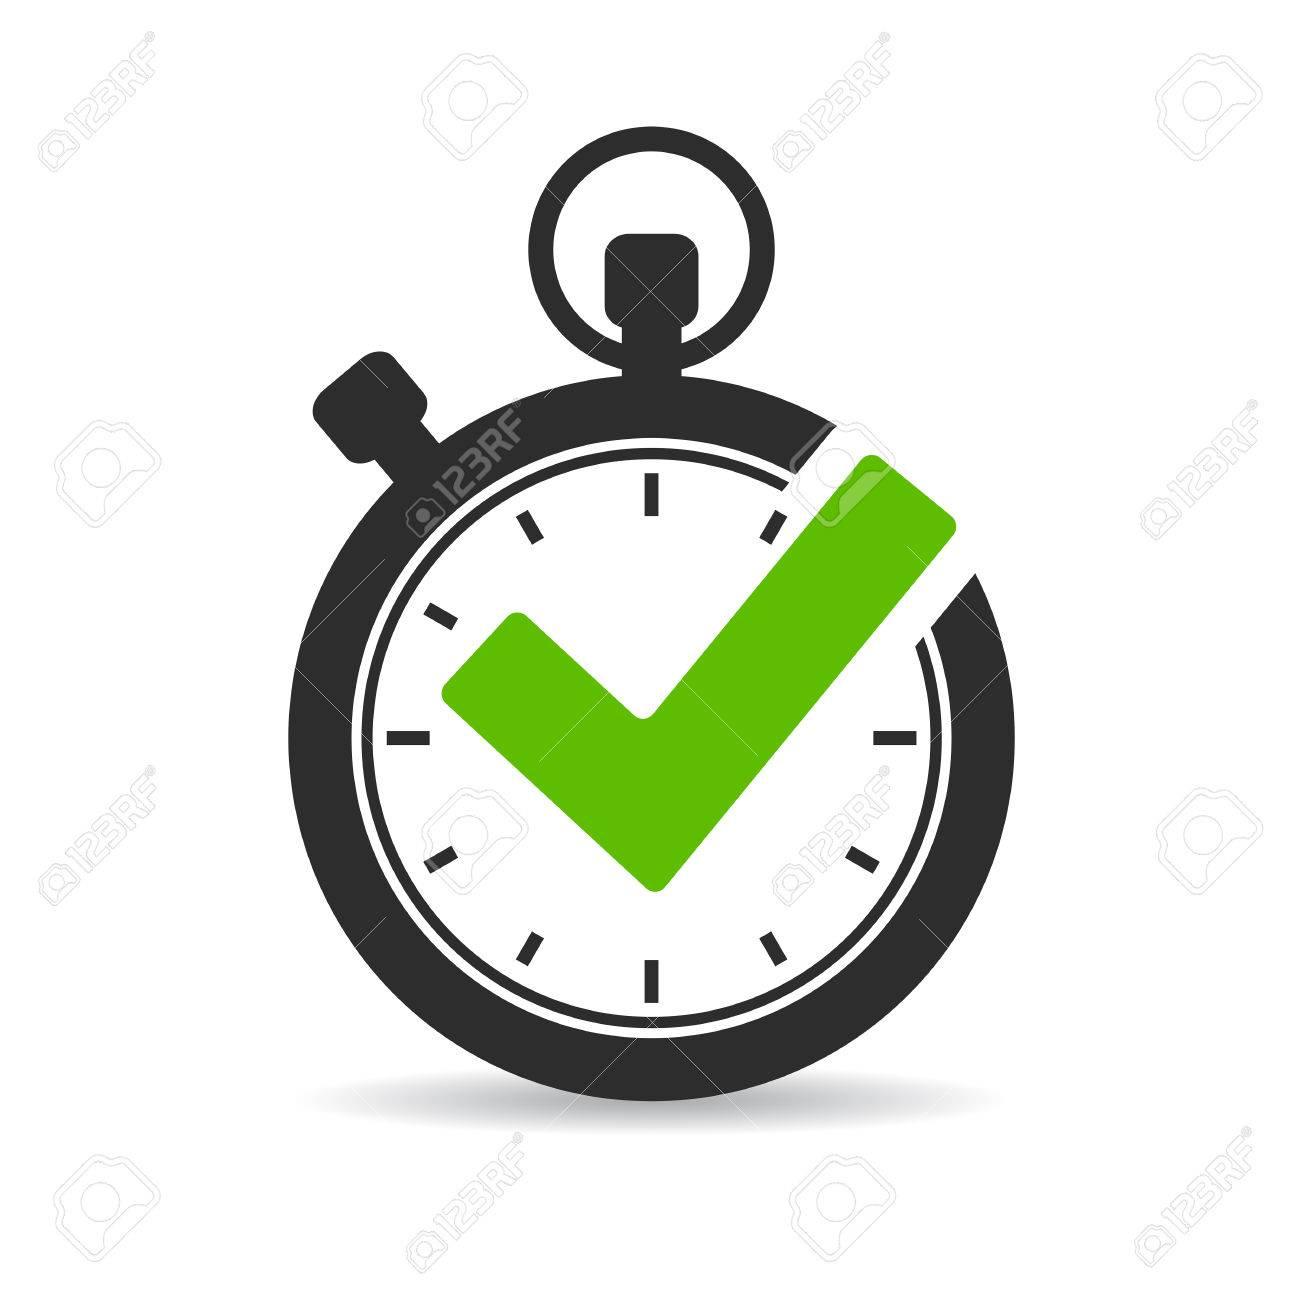 stopwatch vector icon royalty free cliparts vectors and stock rh 123rf com stopwatch vector free stopwatch suunto vector